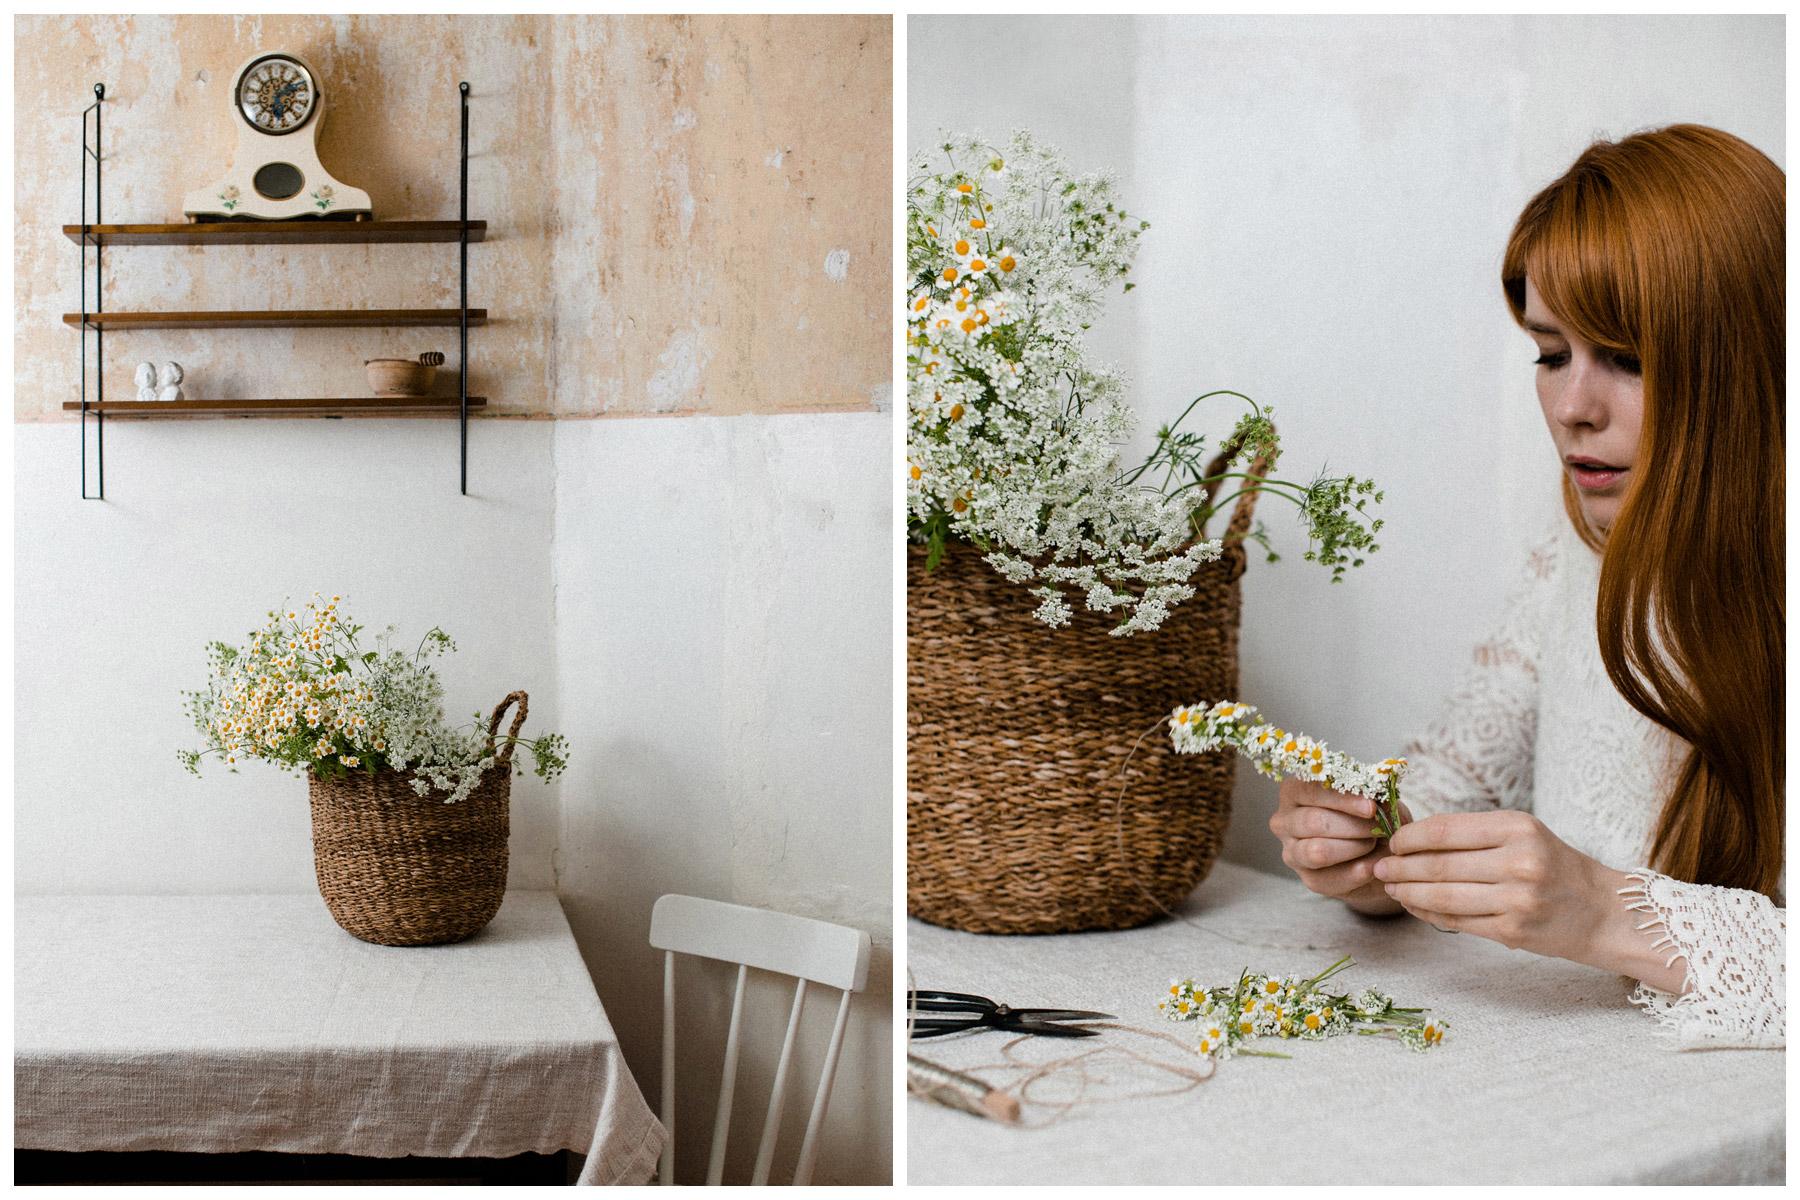 ikea-wiesenblumen-einrichtung-blumenkranz-binden-diy_3